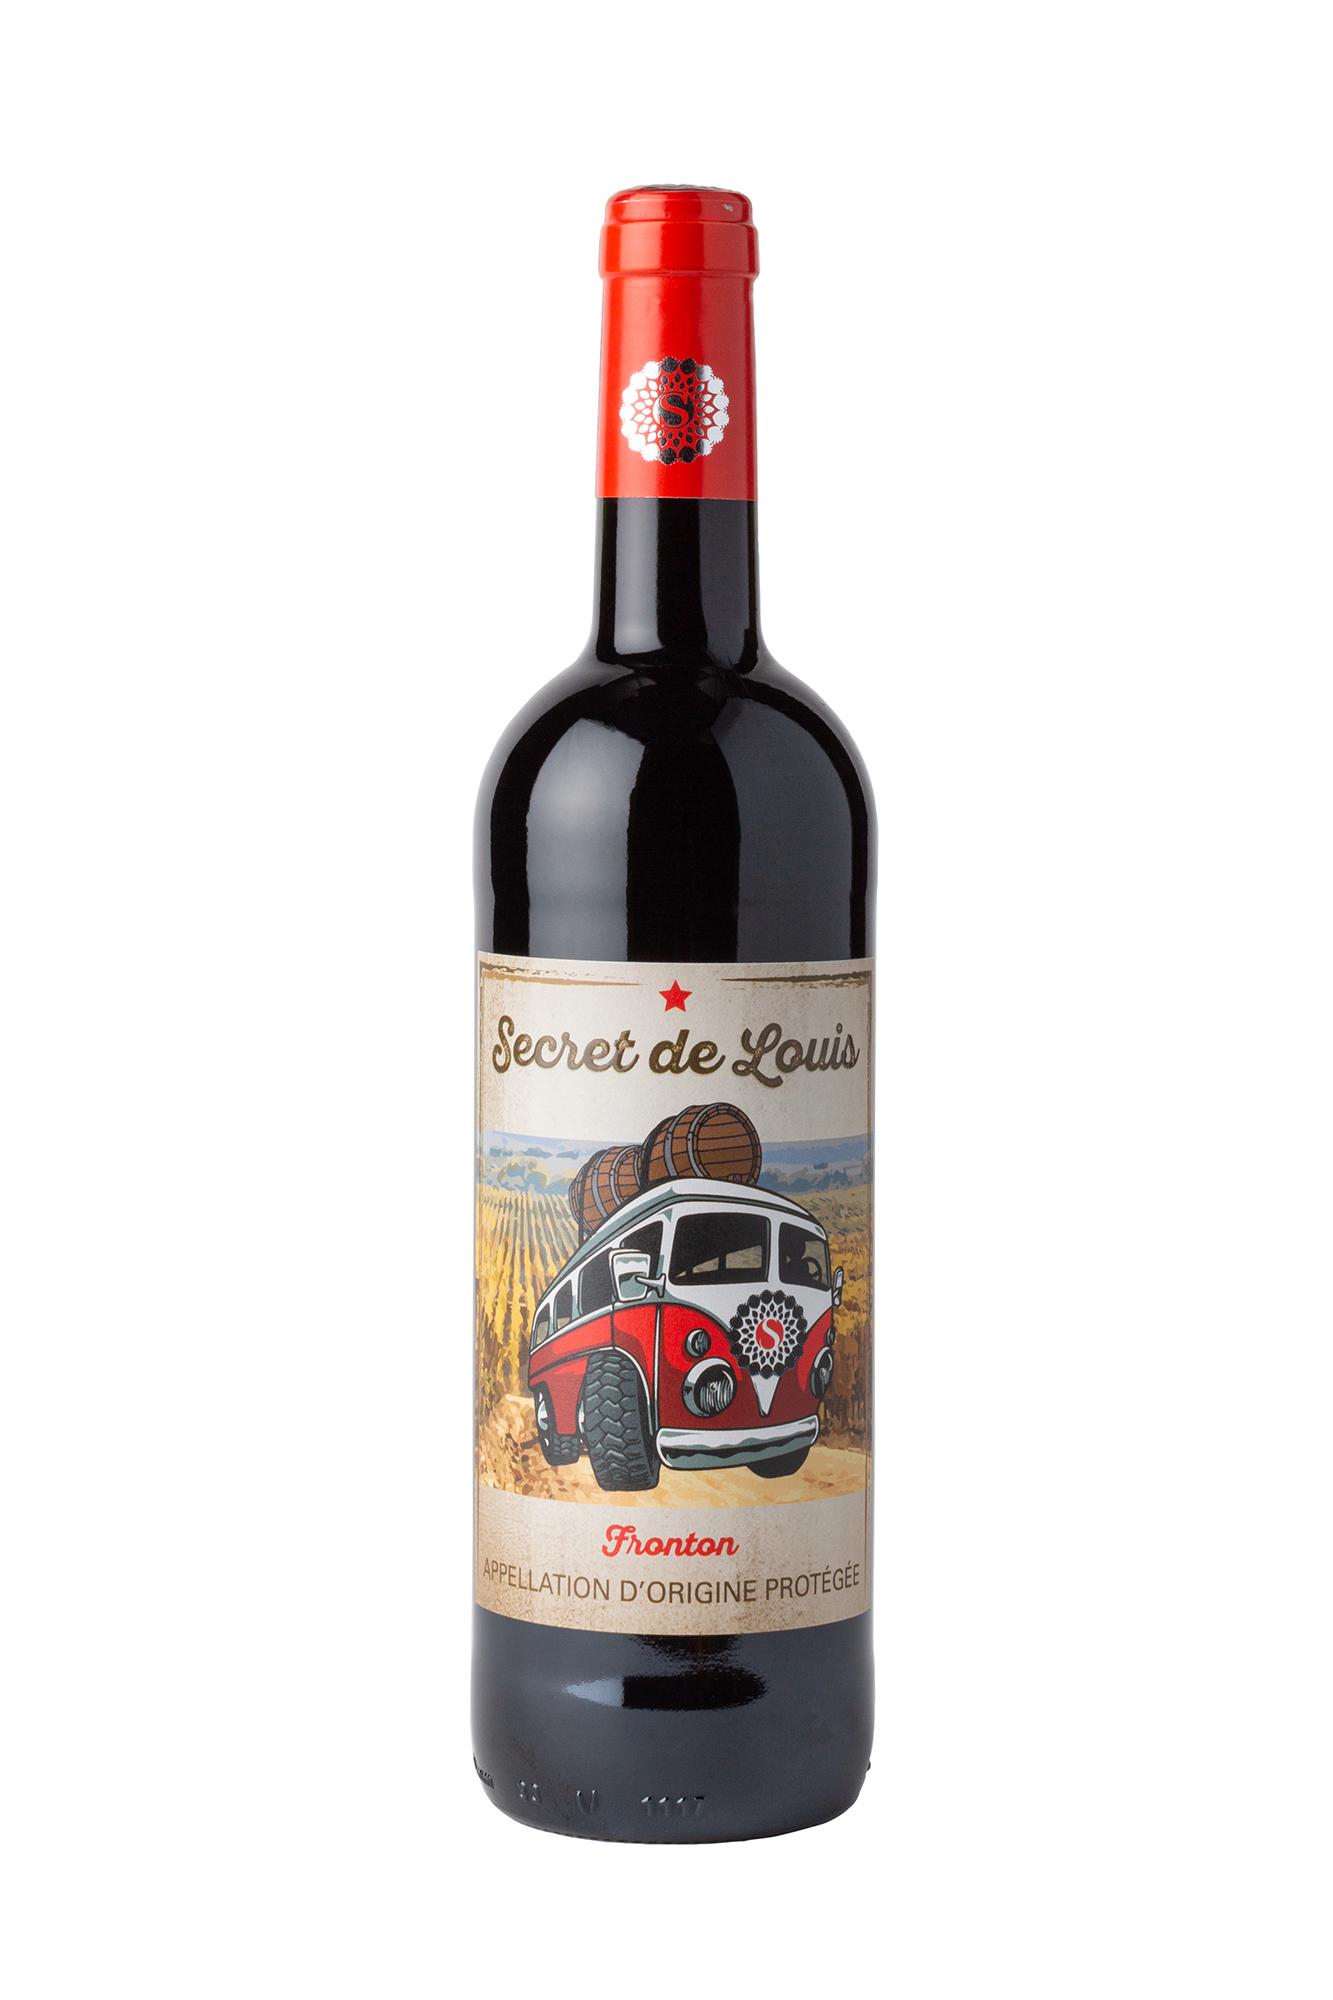 Photographie packshot d'une bouteille de vin rouge sur fond blanc